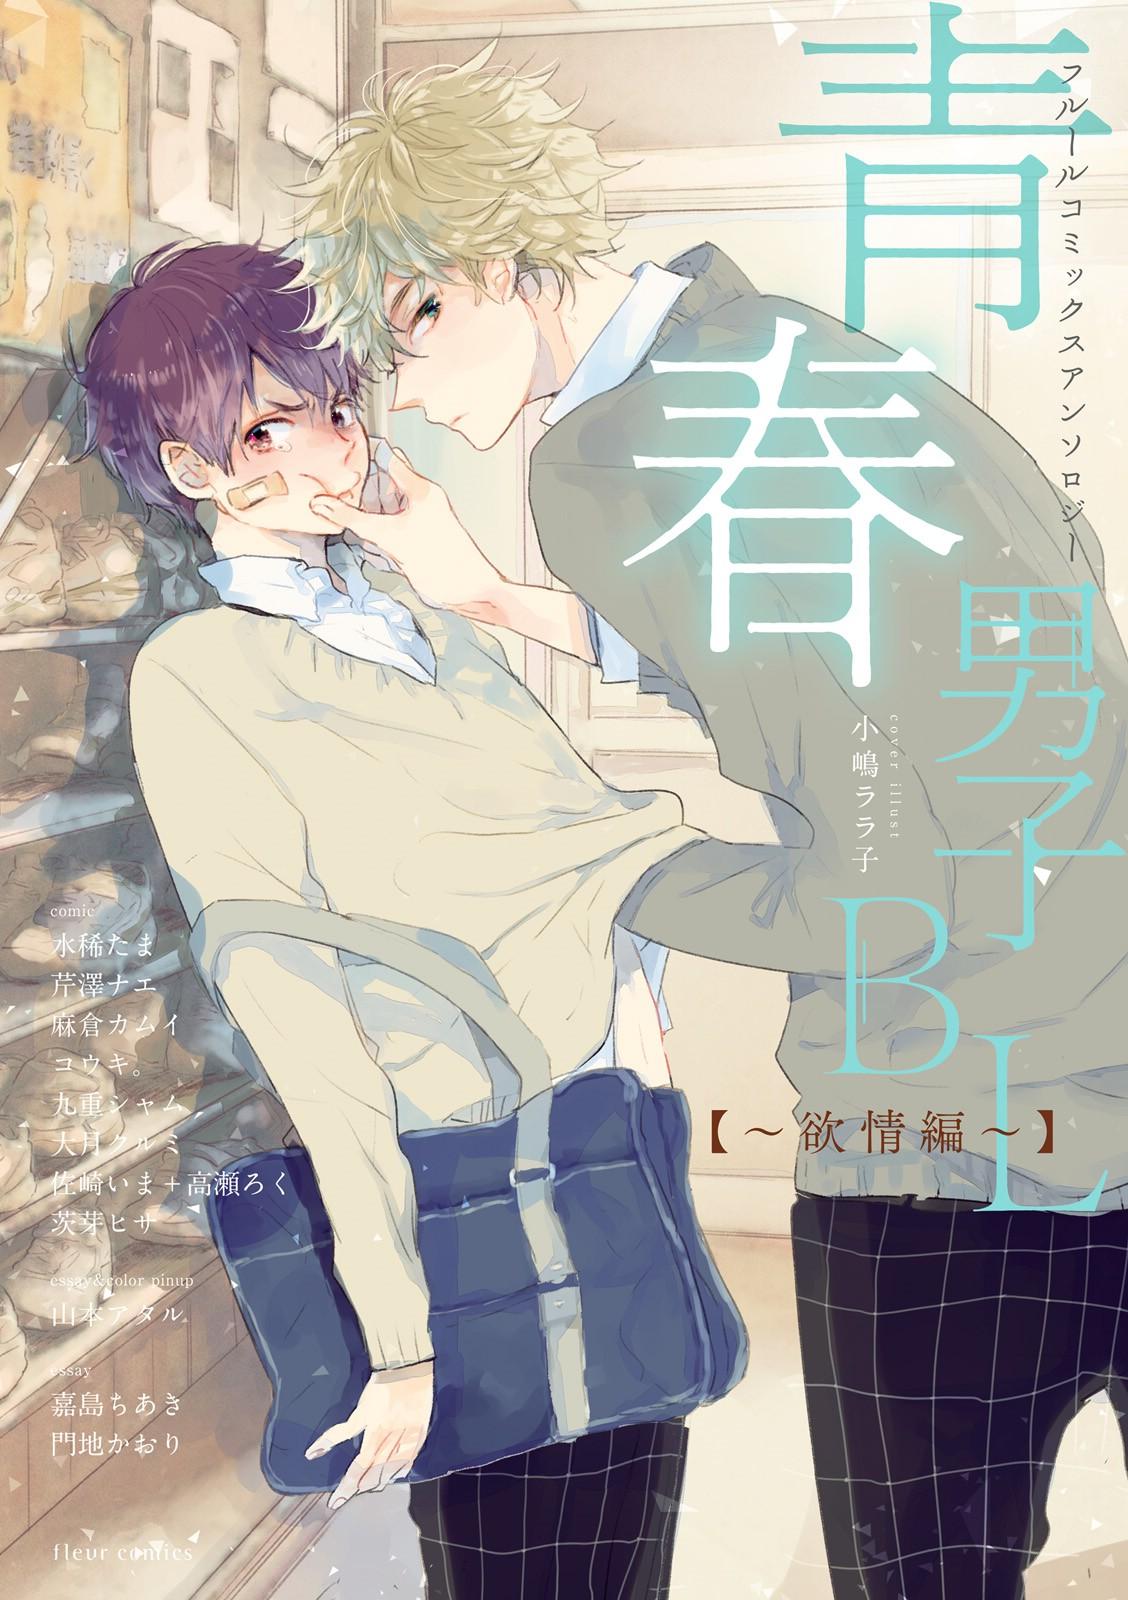 Seishun Danshi BL (Anthology) Manga